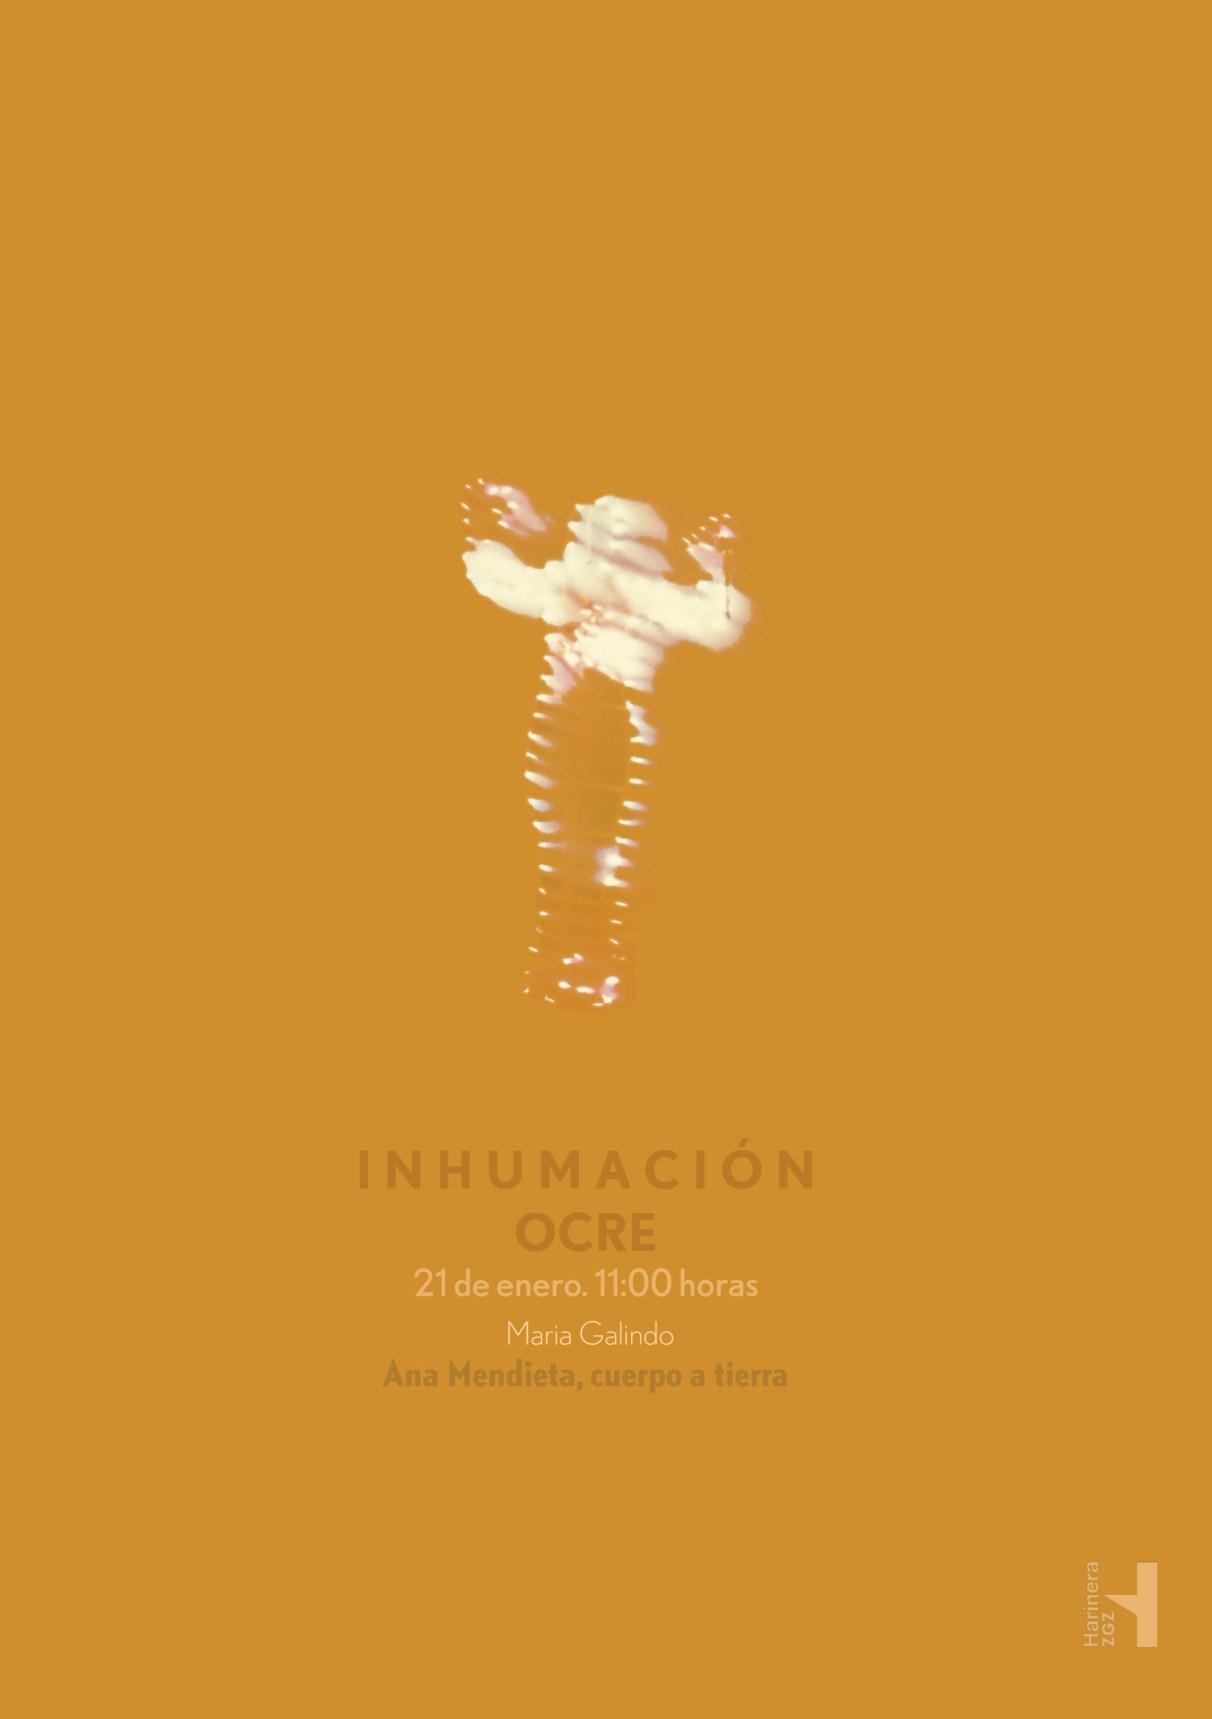 Harinera ZGZ-encarnaciones-inhumacion